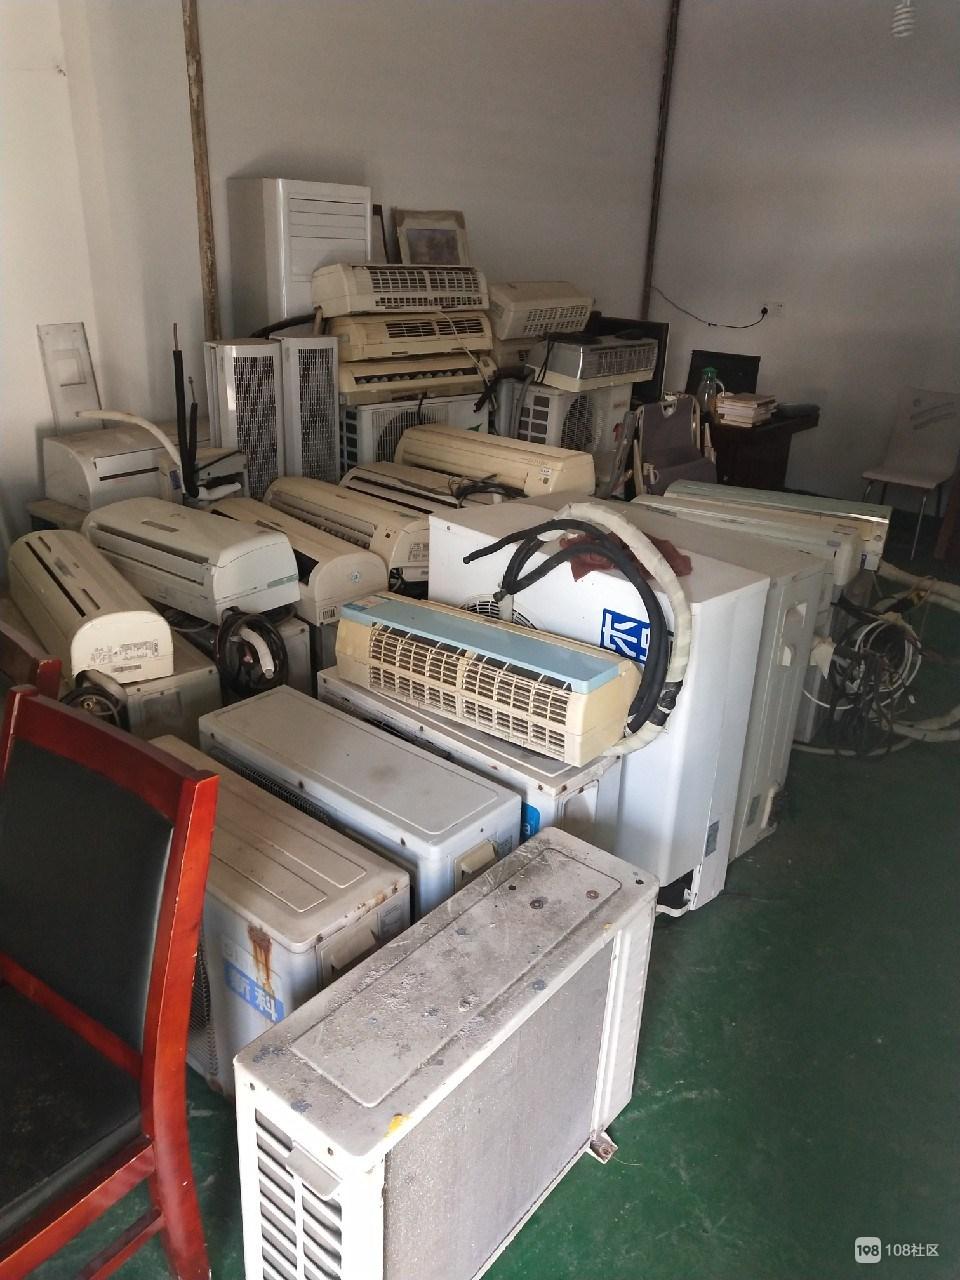 安空调维仹ak9c_专业装维修空调,维修洗衣机,热水器安维修,水电装修电疑难杂症维修